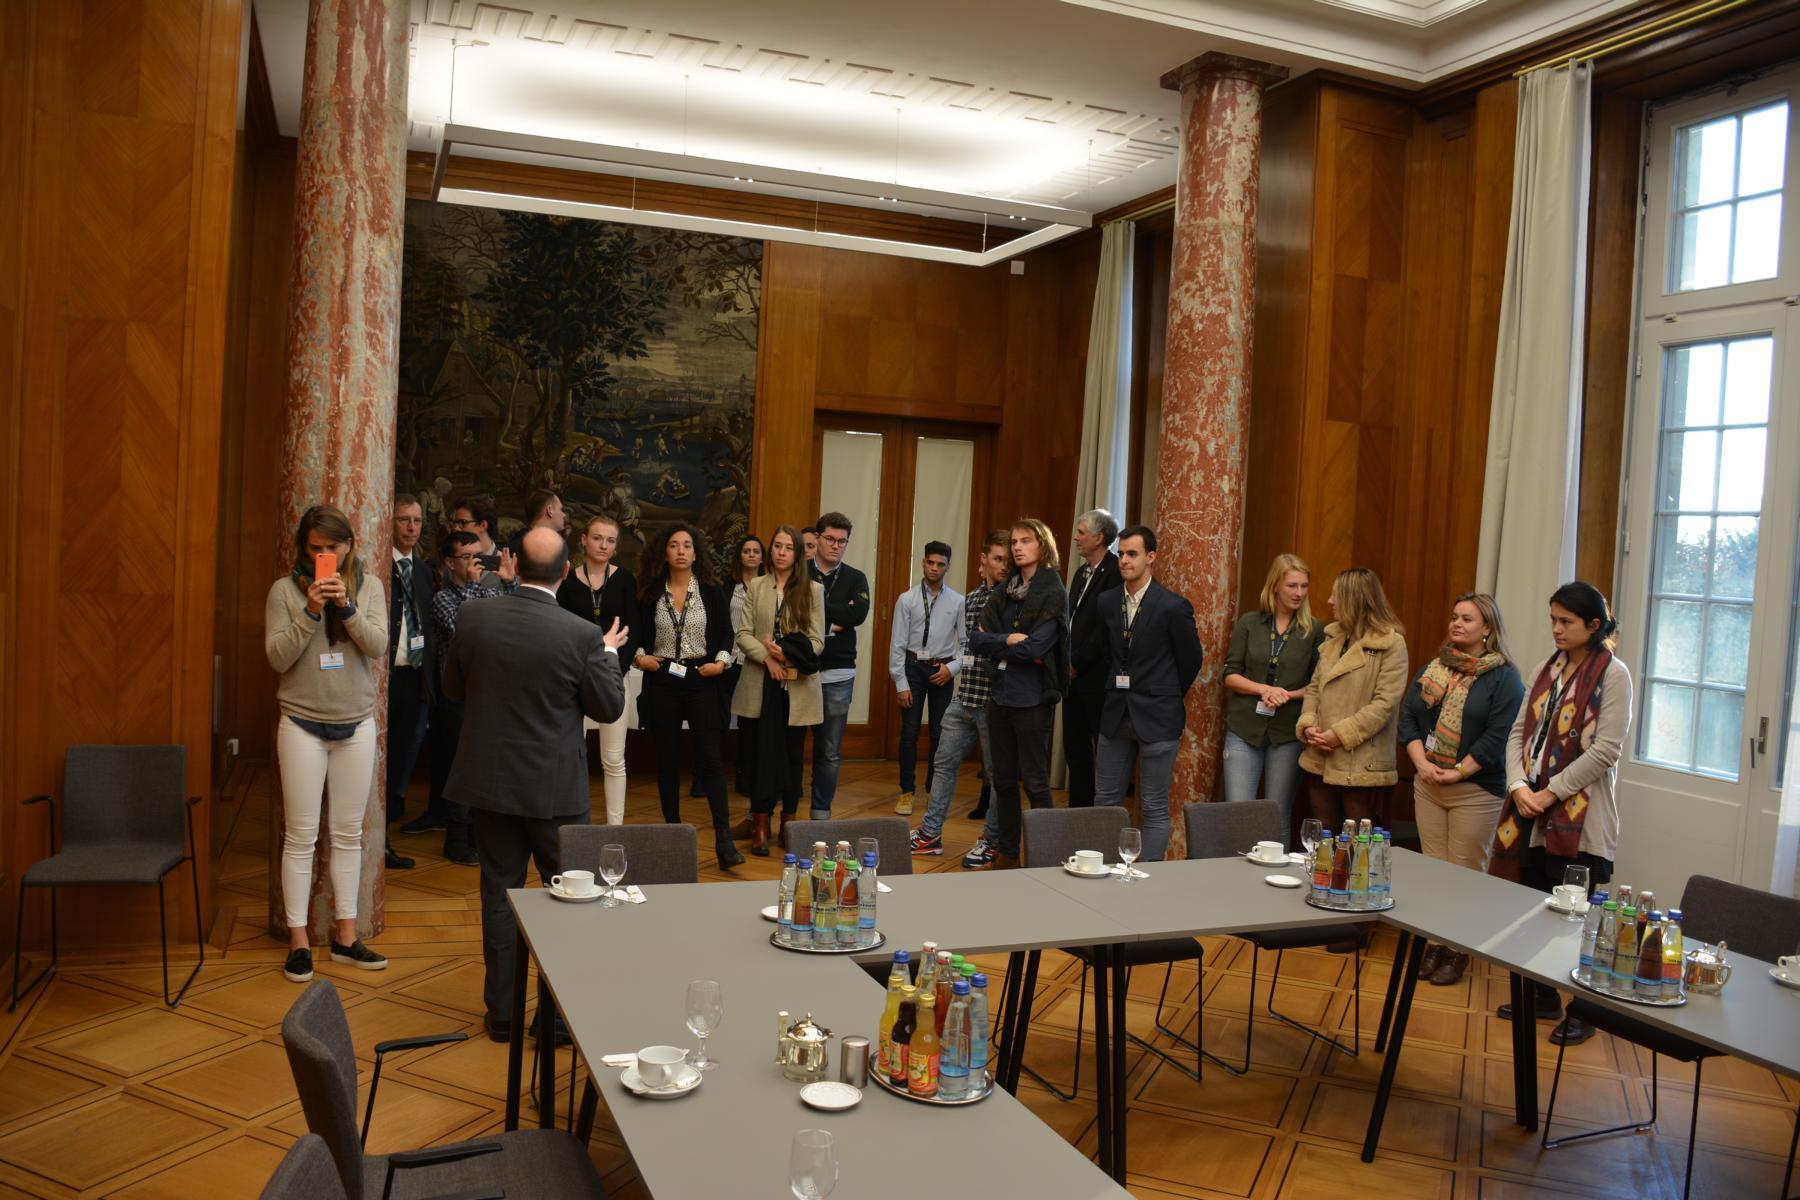 Visita a la Villa Reitzenstein (Staatsministerium Baden-Württemberg)